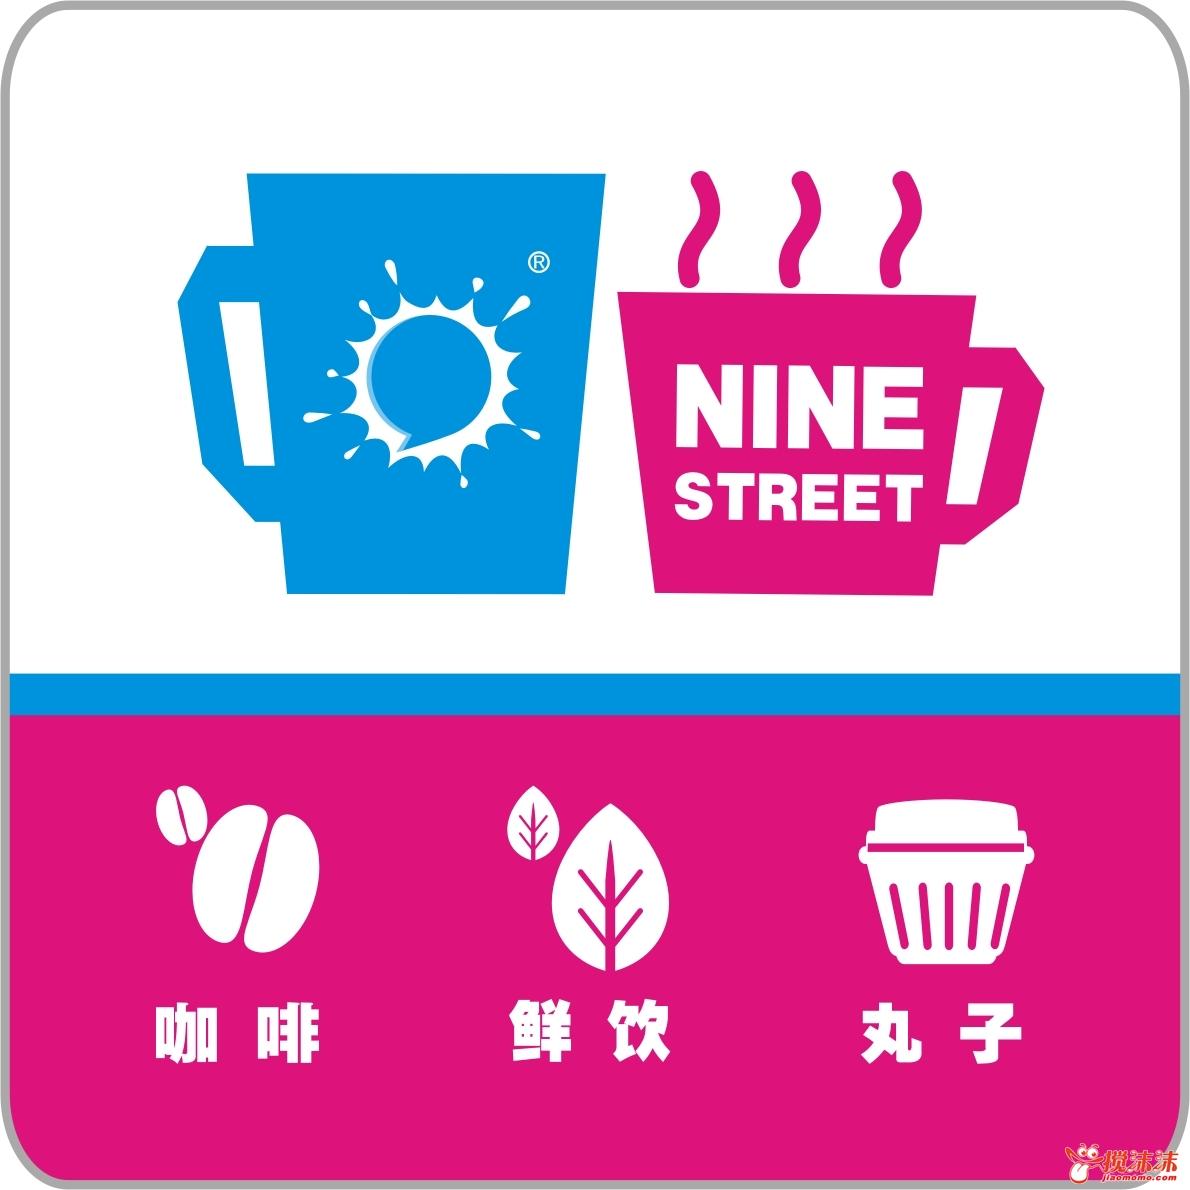 九街门头双面灯箱logo.jpg